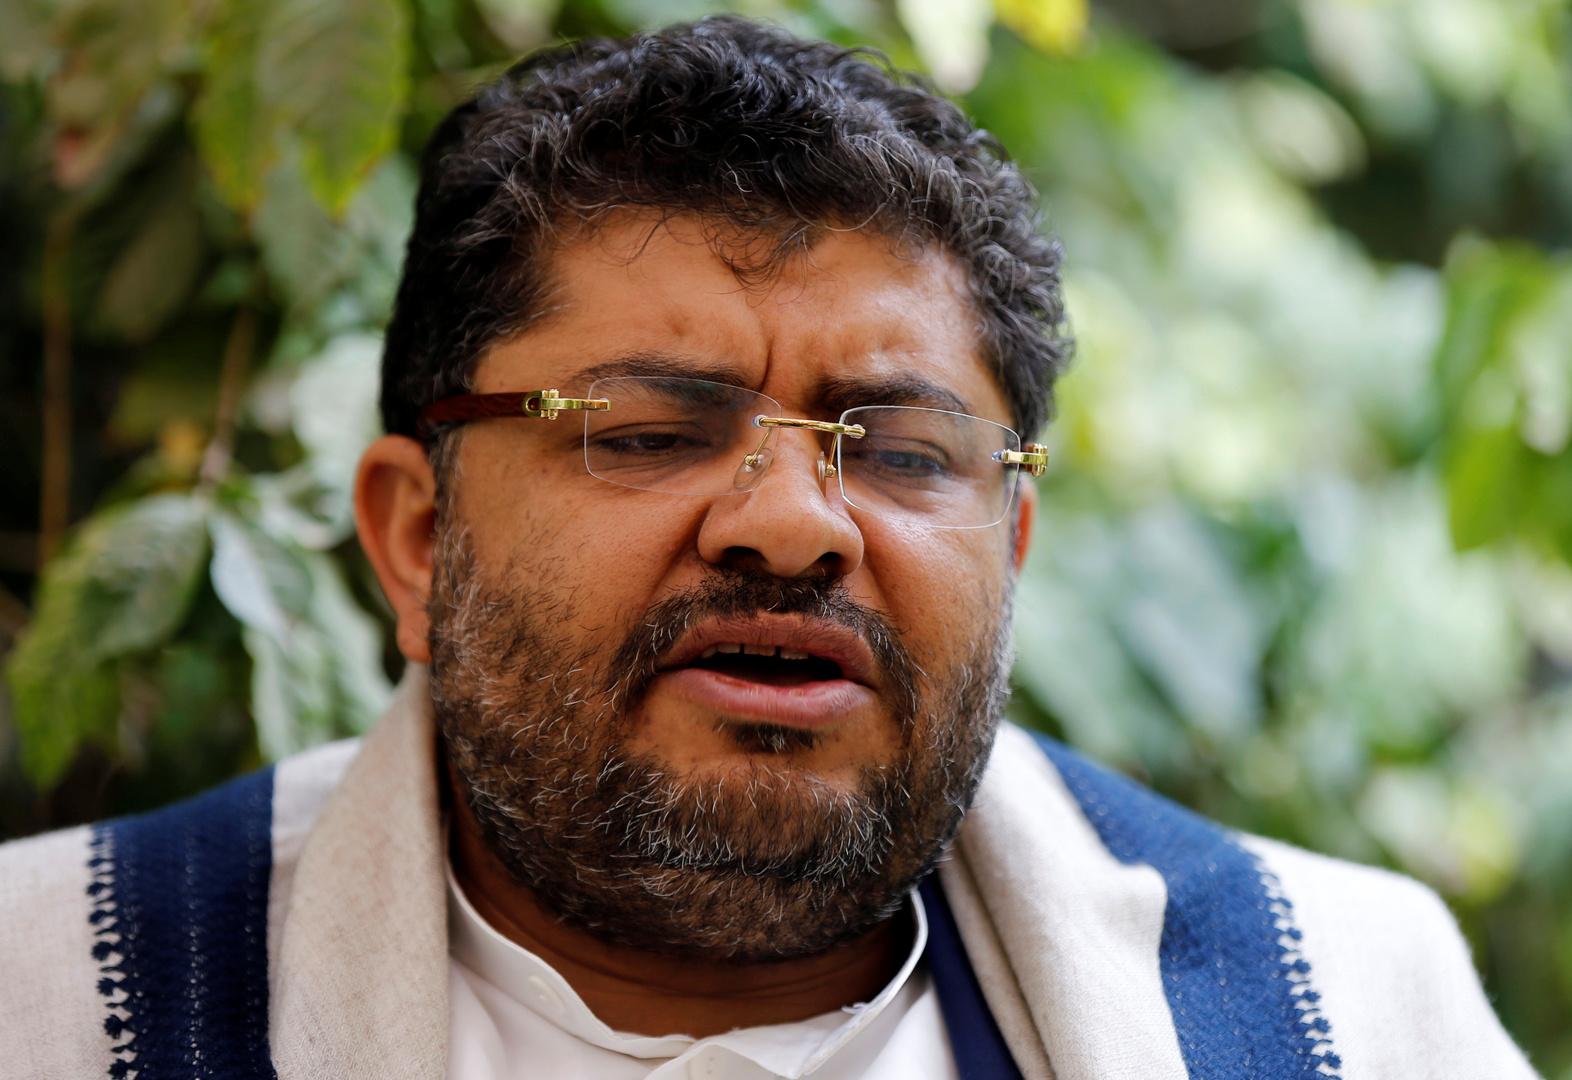 لن نتبادل القضايا الإنسانية ... قال الحوثي لروت: المفاوضات مع الأمريكيين في سلطنة عمان ليست مباشرة.